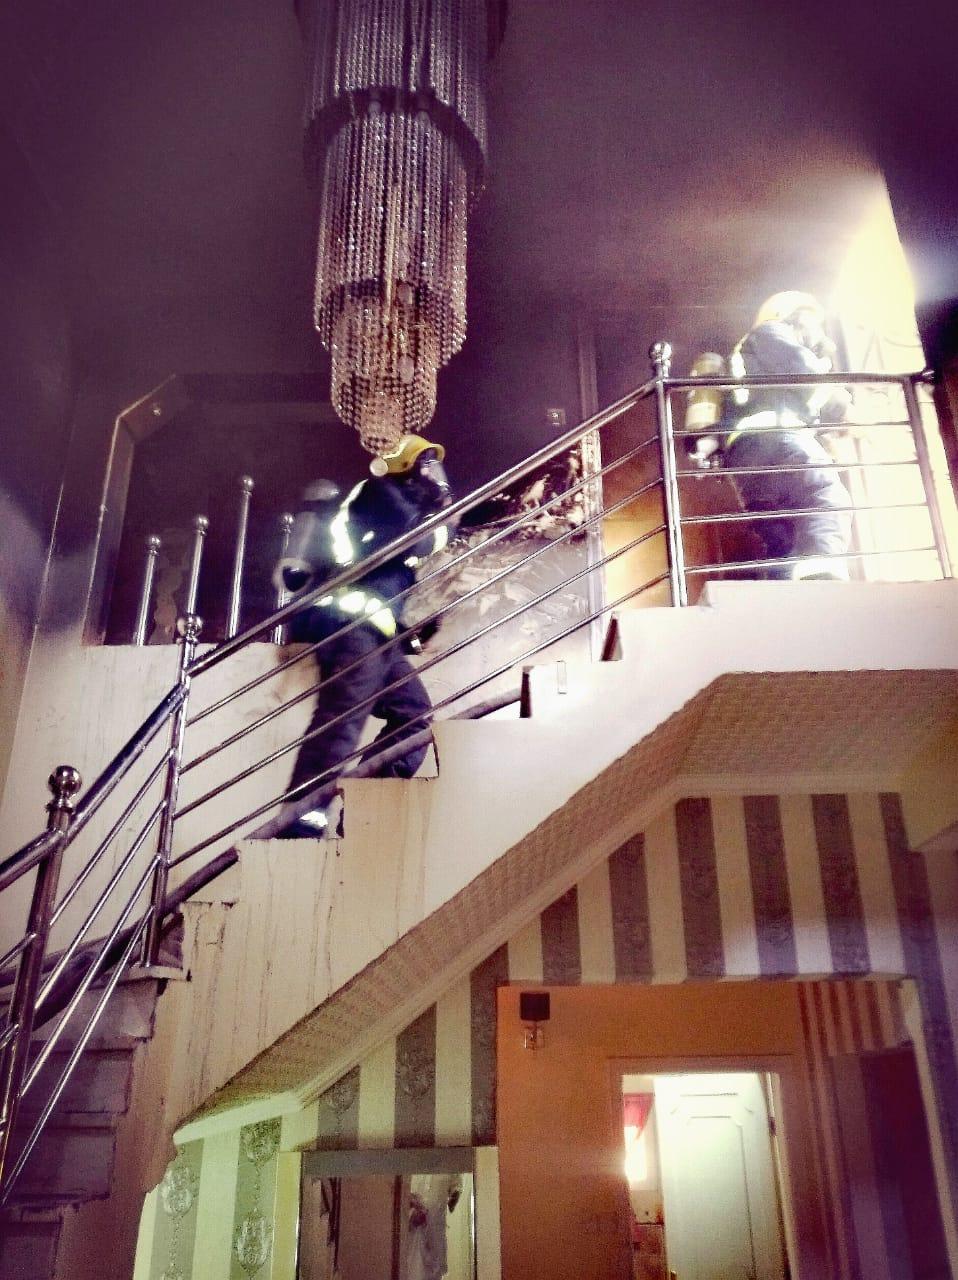 نجاة شخصين واختناق ثالث في حريق ملحق سكني بالمدينة المنورة